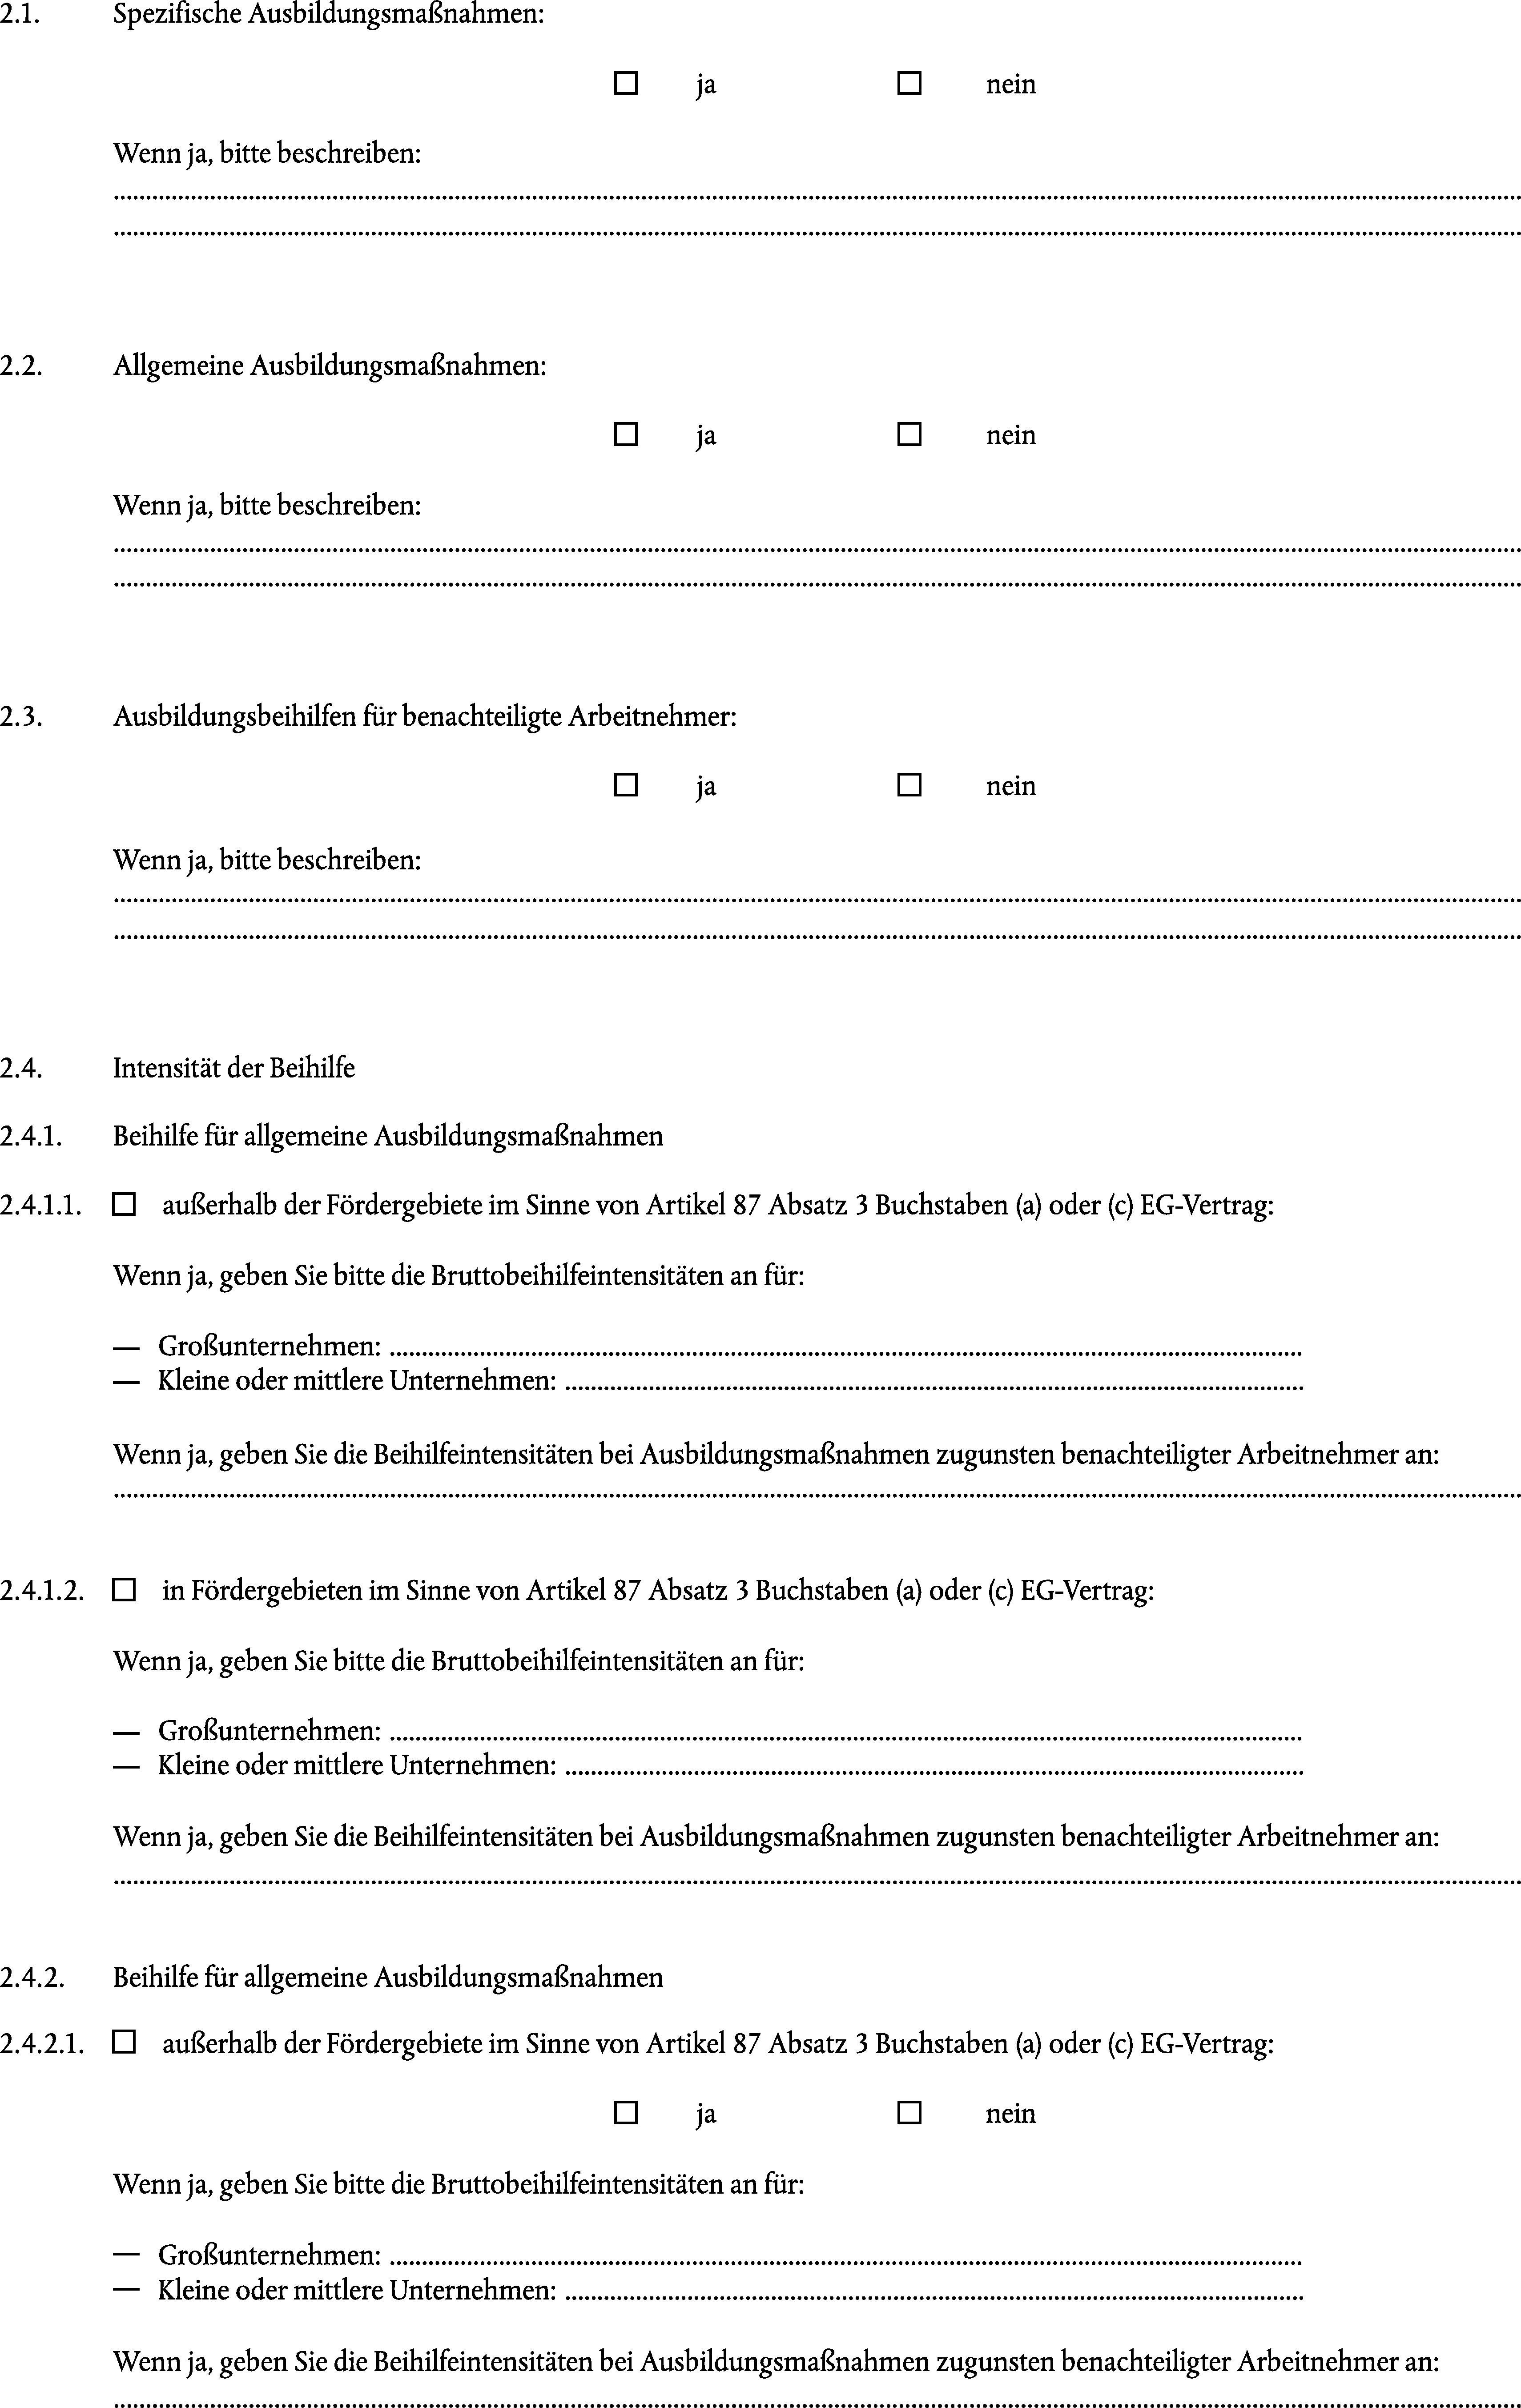 Niedlich Registrierte Pflegerische Wiederaufnahme Ziel Bilder ...